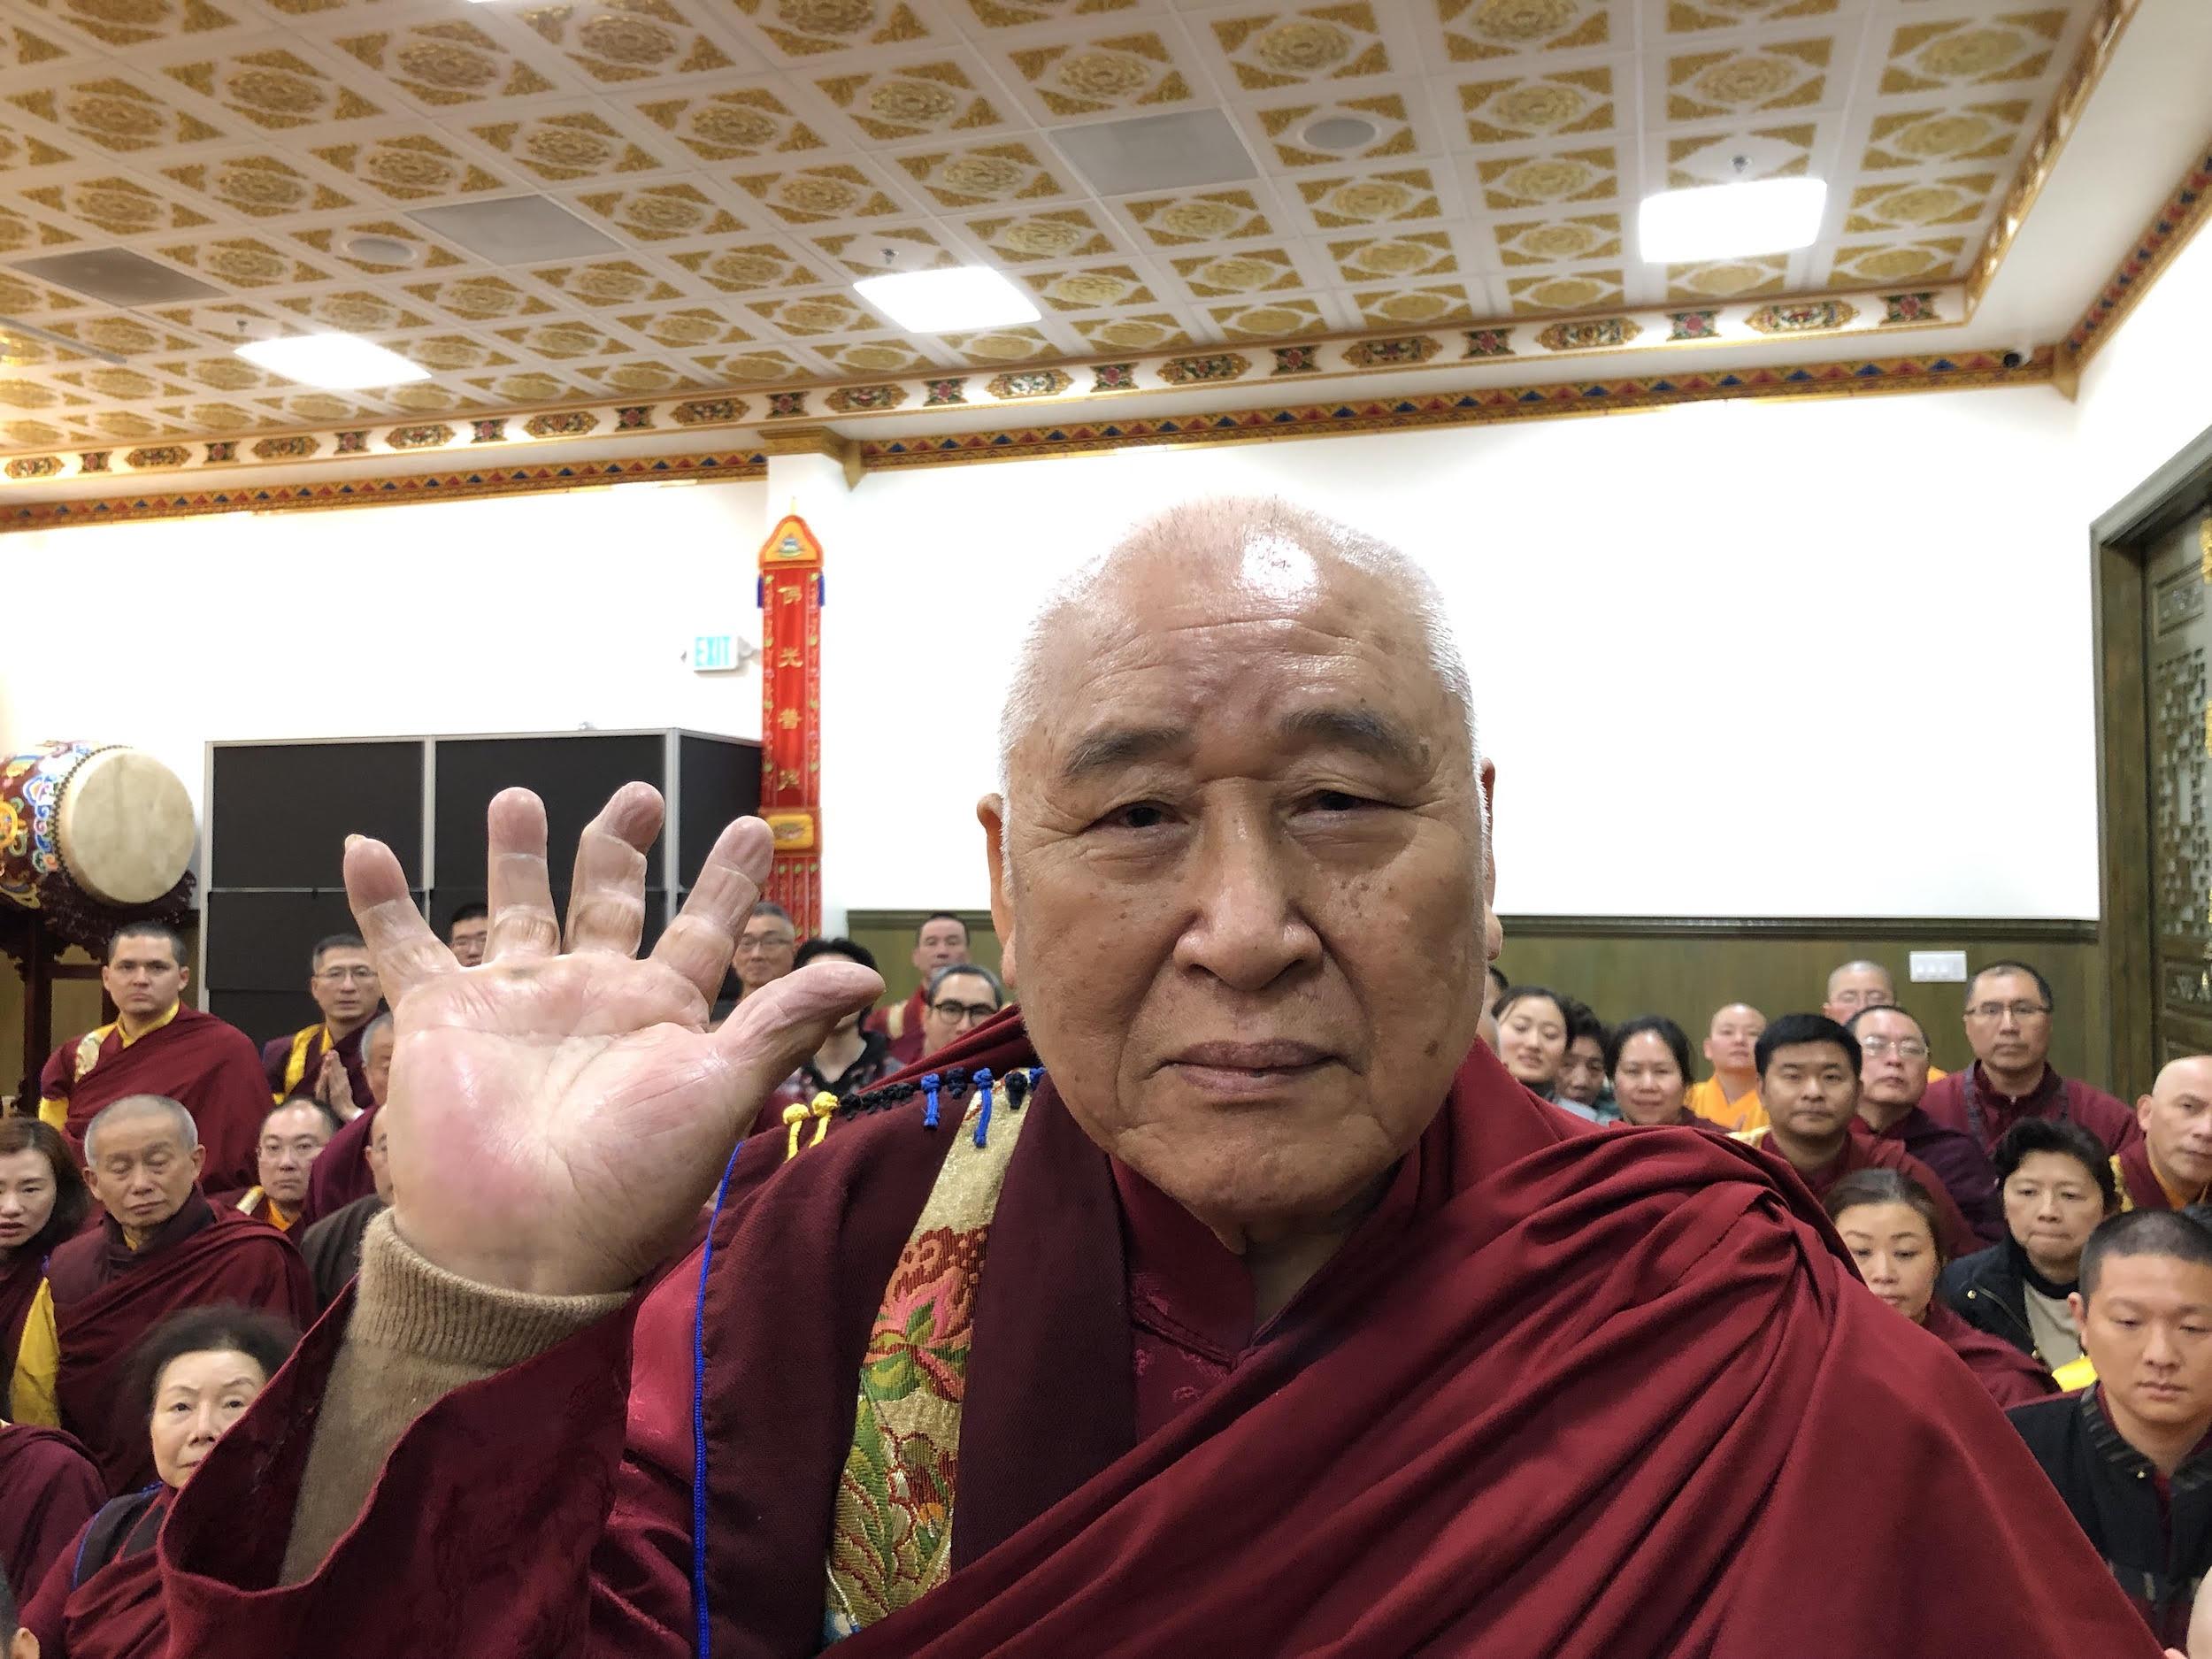 年近90歲的聖僧開初教尊用他三根手指頭已骨節折斷變形的右手,單手拿起了200磅金剛杵上基座,展顯了其上超十六段的聖力,遠超亞洲第一大力士,驚駭世人。 (攝影:楊慧君)